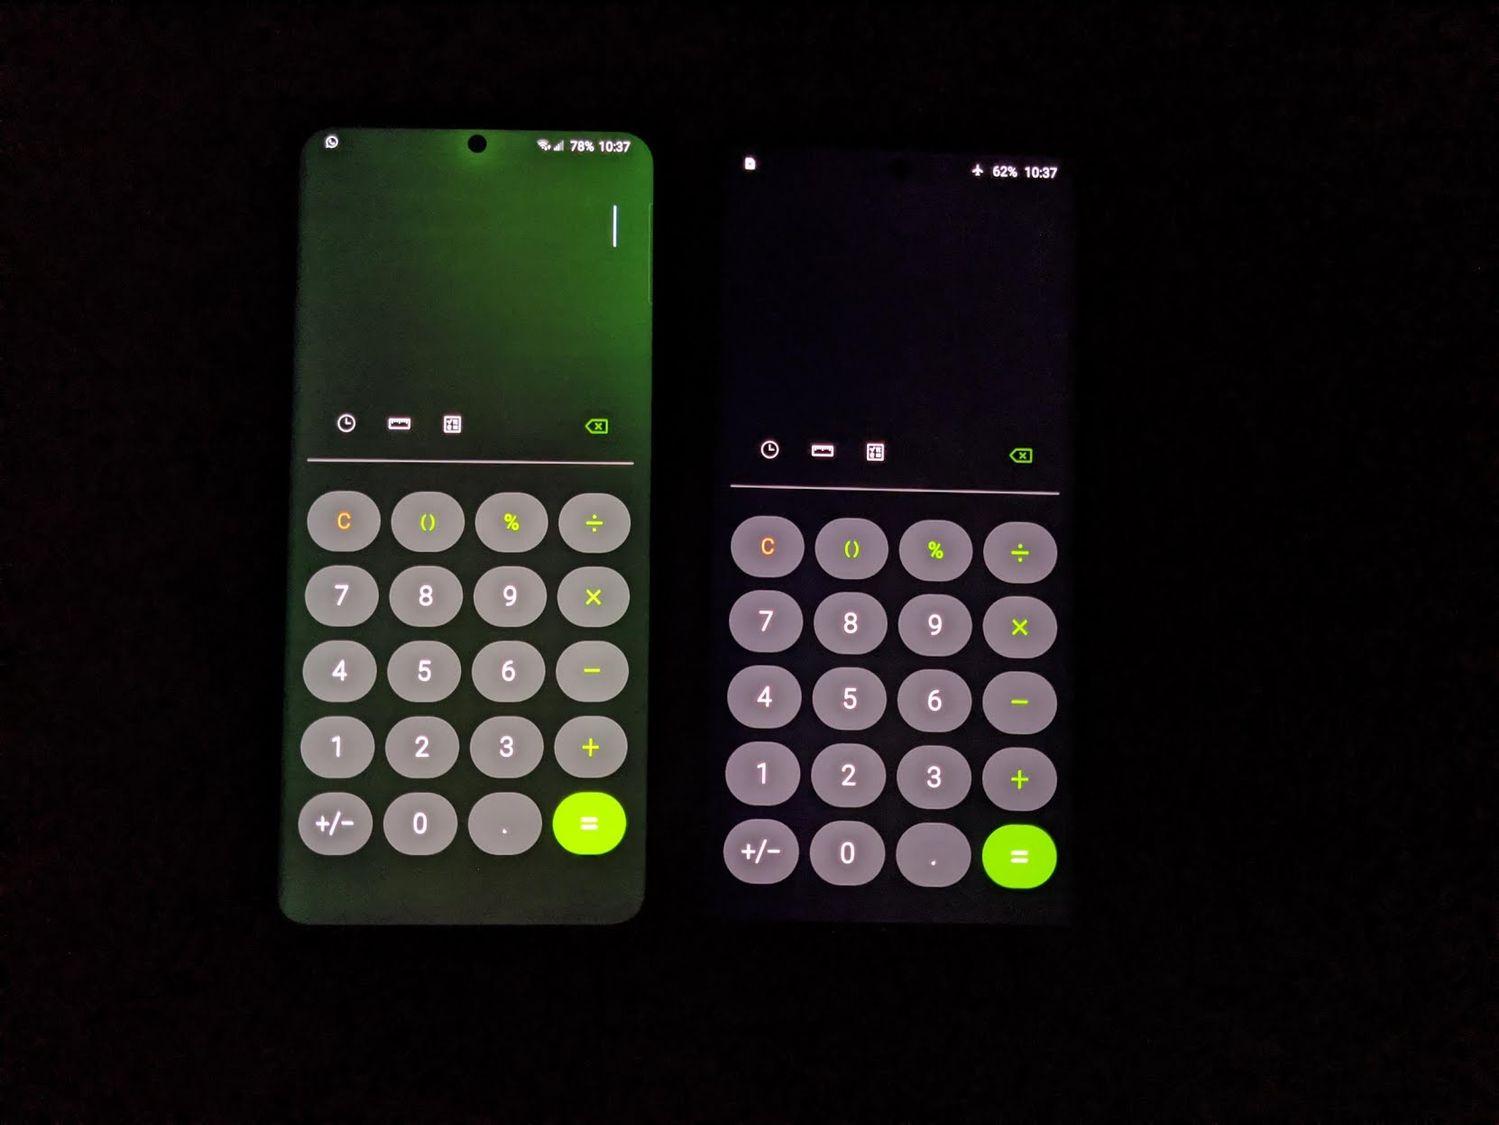 Galaxy S20 Ultra bản Exynos 990 lại vừa dính lỗi màn hình ngả xanh, có thể do bản cập nhật phần mềm